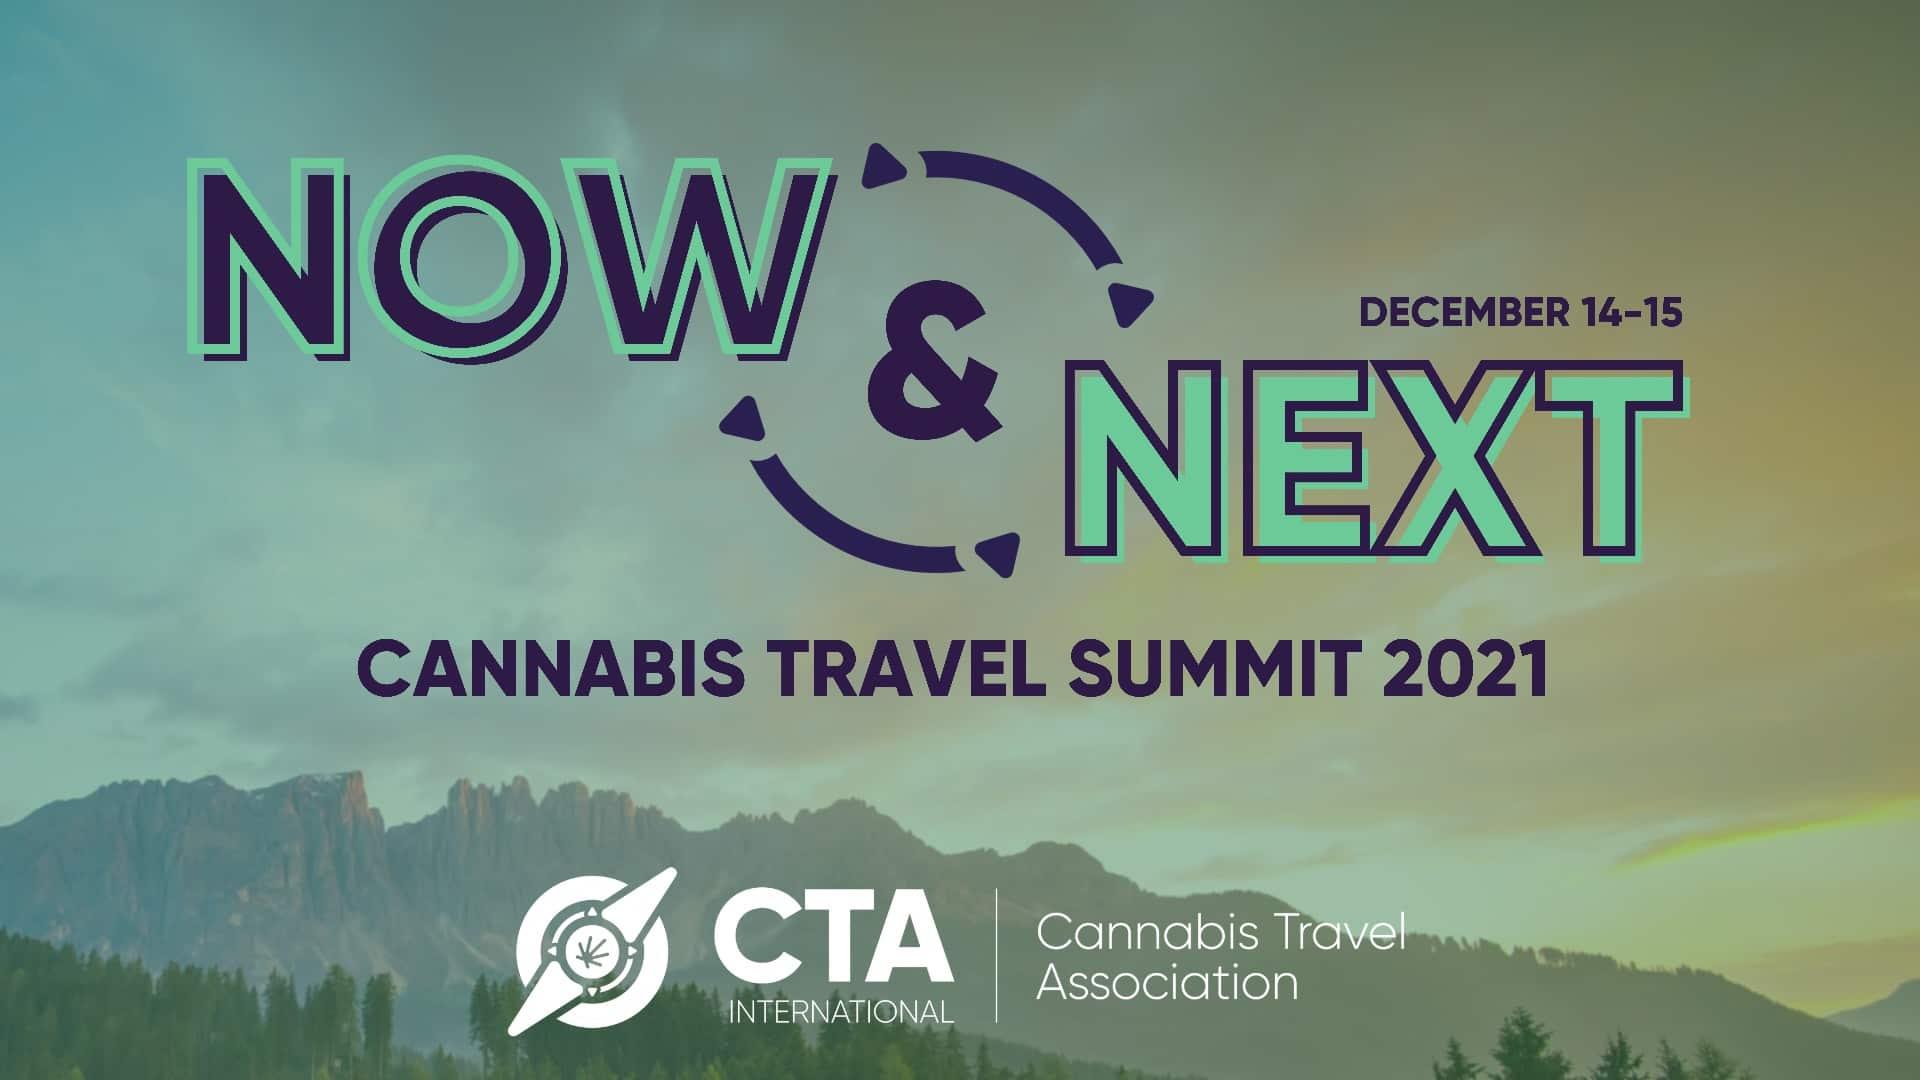 CTAI Annual Cannabis Tourism Summit 2021 (Sponsorship)